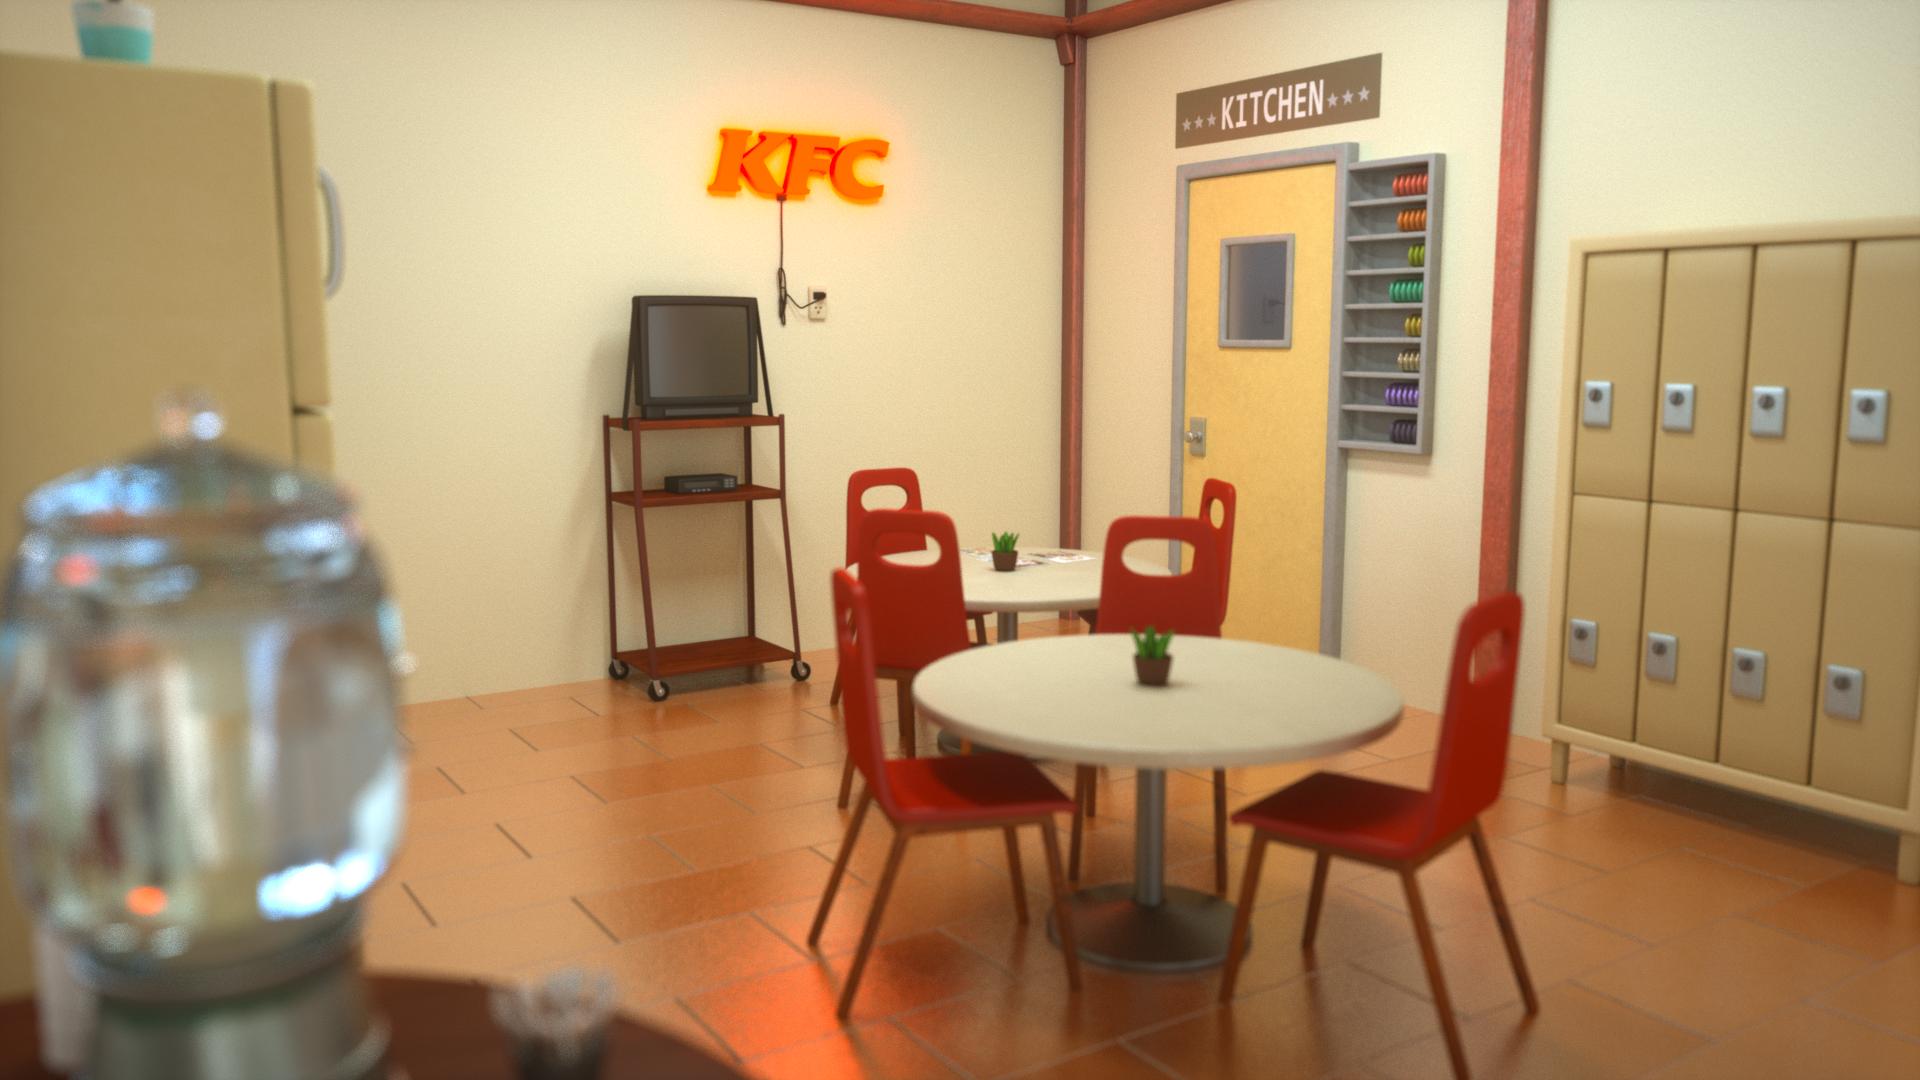 kfc_2_render_1.png